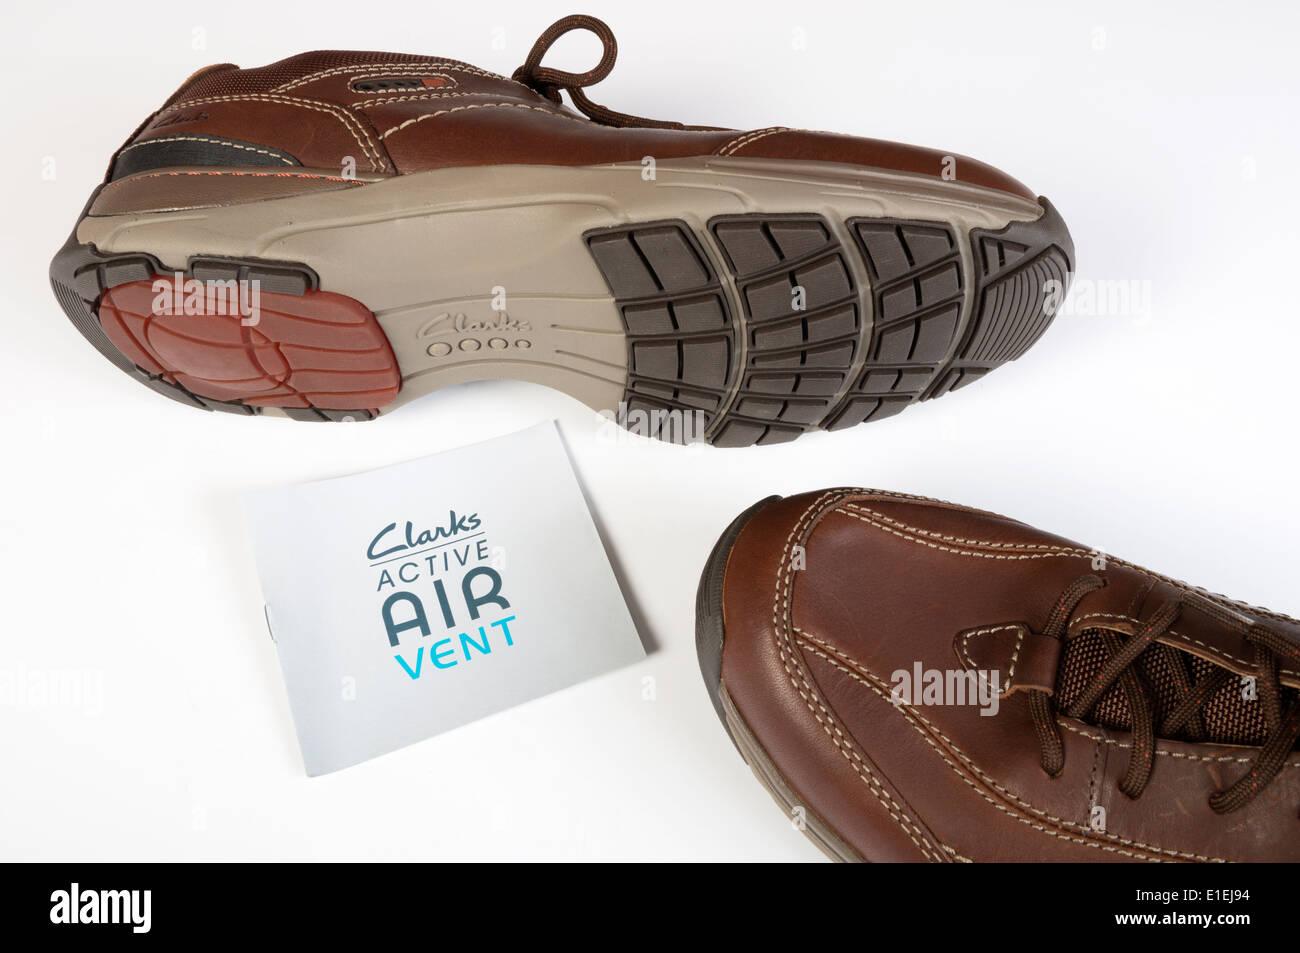 Clarks active air Vent Herren Schuhe mit Luft gepumpt in der